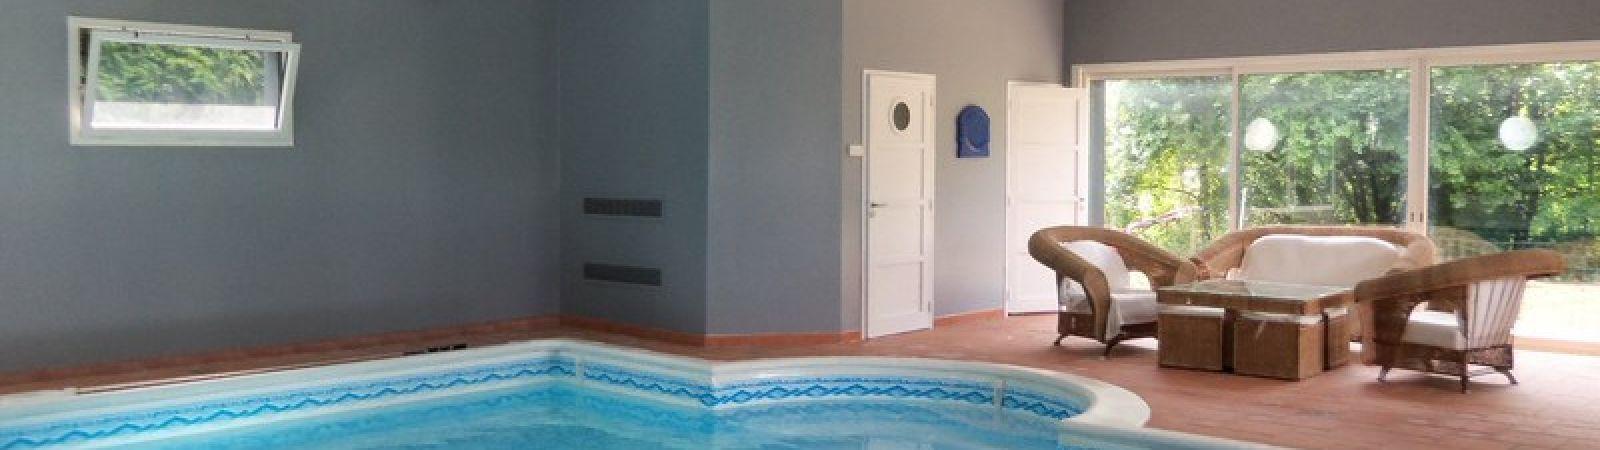 photo 5: Superbe maison contemporaine avec piscine intérieure